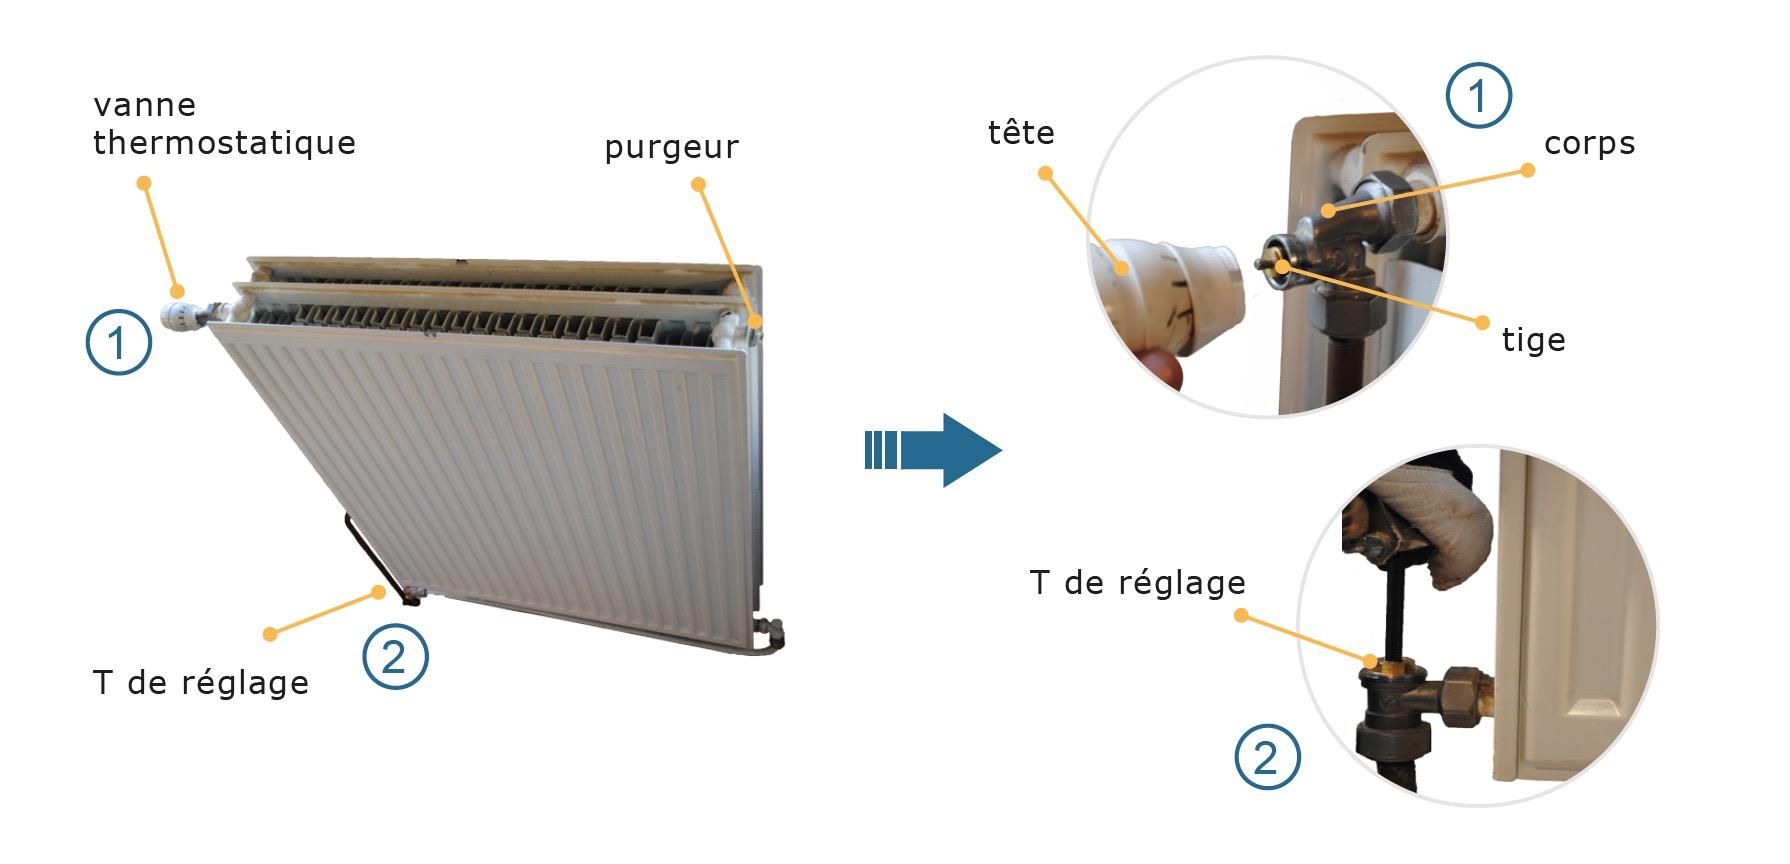 radiateurs et vannes thermostatiques r emploi du mat riel de construction. Black Bedroom Furniture Sets. Home Design Ideas